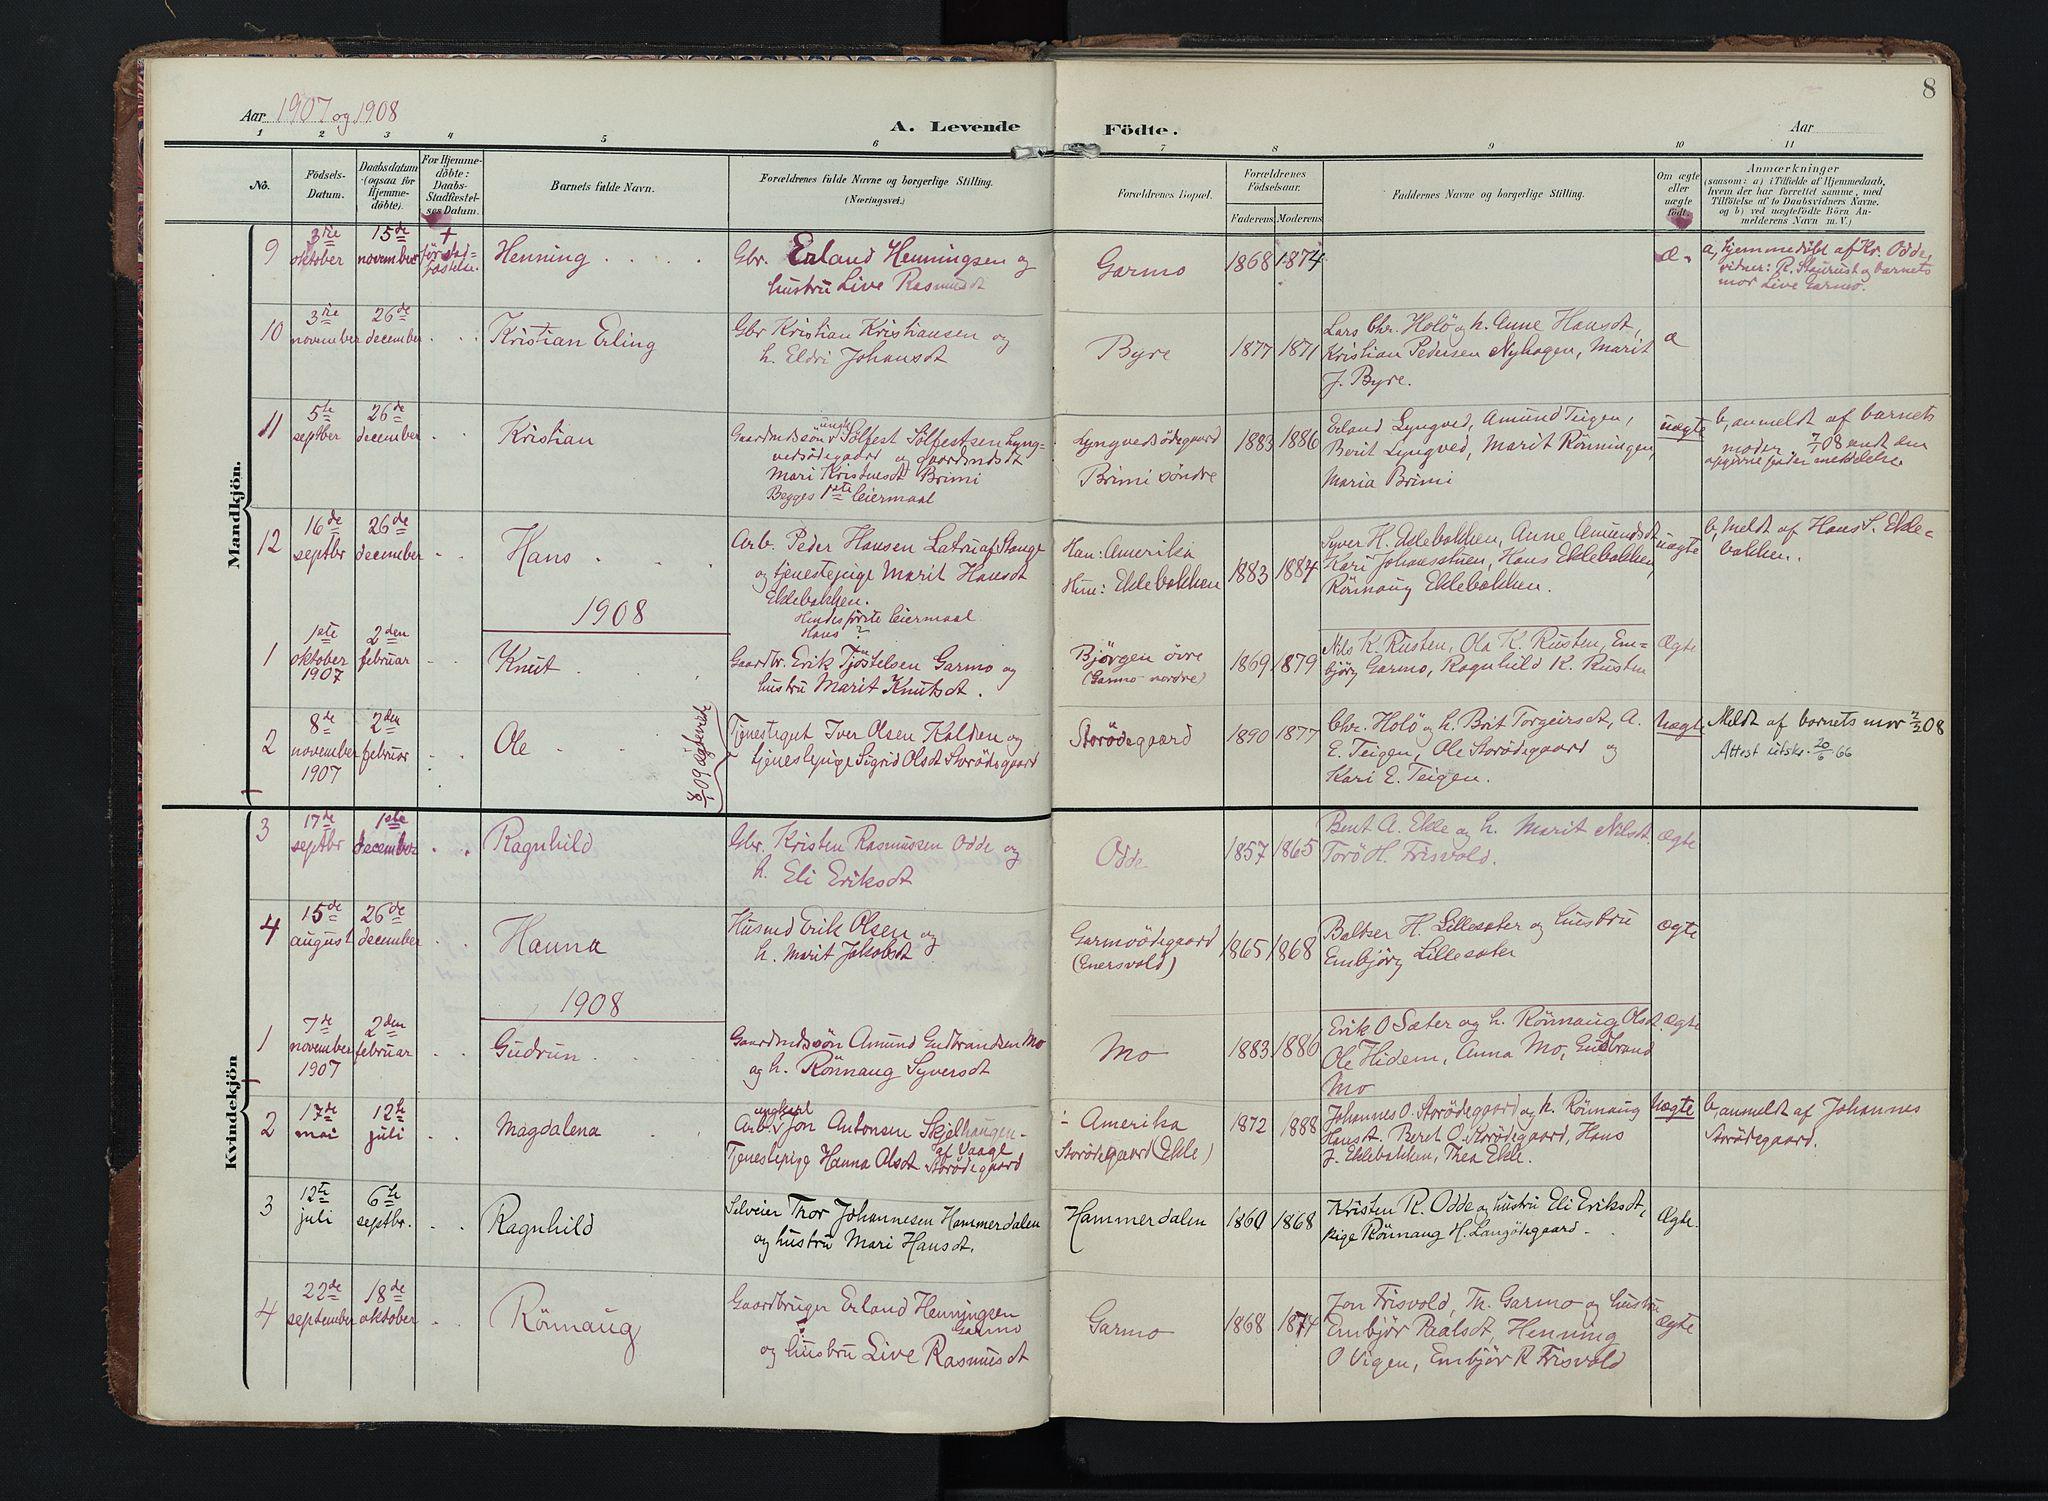 SAH, Lom prestekontor, K/L0011: Ministerialbok nr. 11, 1904-1928, s. 8